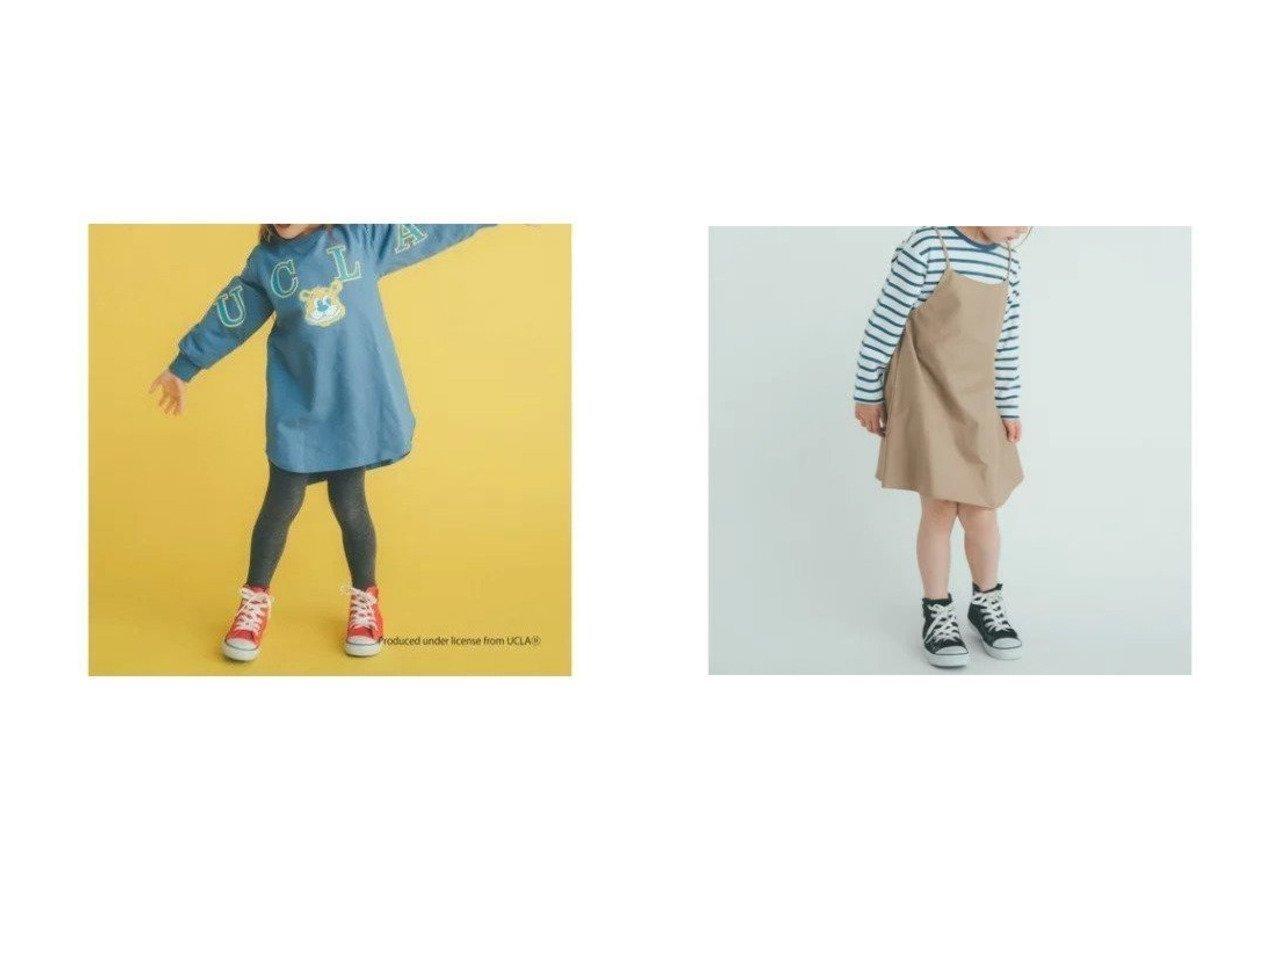 【green label relaxing / UNITED ARROWS / KIDS/グリーンレーベルリラクシング】の〔別注〕【キッズ】UCLA プリントワンピース&【キッズ】ボーダー キャミ レイヤード ワンピース KIDS】子供服のおすすめ!人気トレンド・キッズファッションの通販 おすすめで人気の流行・トレンド、ファッションの通販商品 メンズファッション・キッズファッション・インテリア・家具・レディースファッション・服の通販 founy(ファニー) https://founy.com/ ファッション Fashion キッズファッション KIDS ワンピース Dress Kids トレンド プリント 別注 キャミ キャミワンピース ボーダー |ID:crp329100000018379